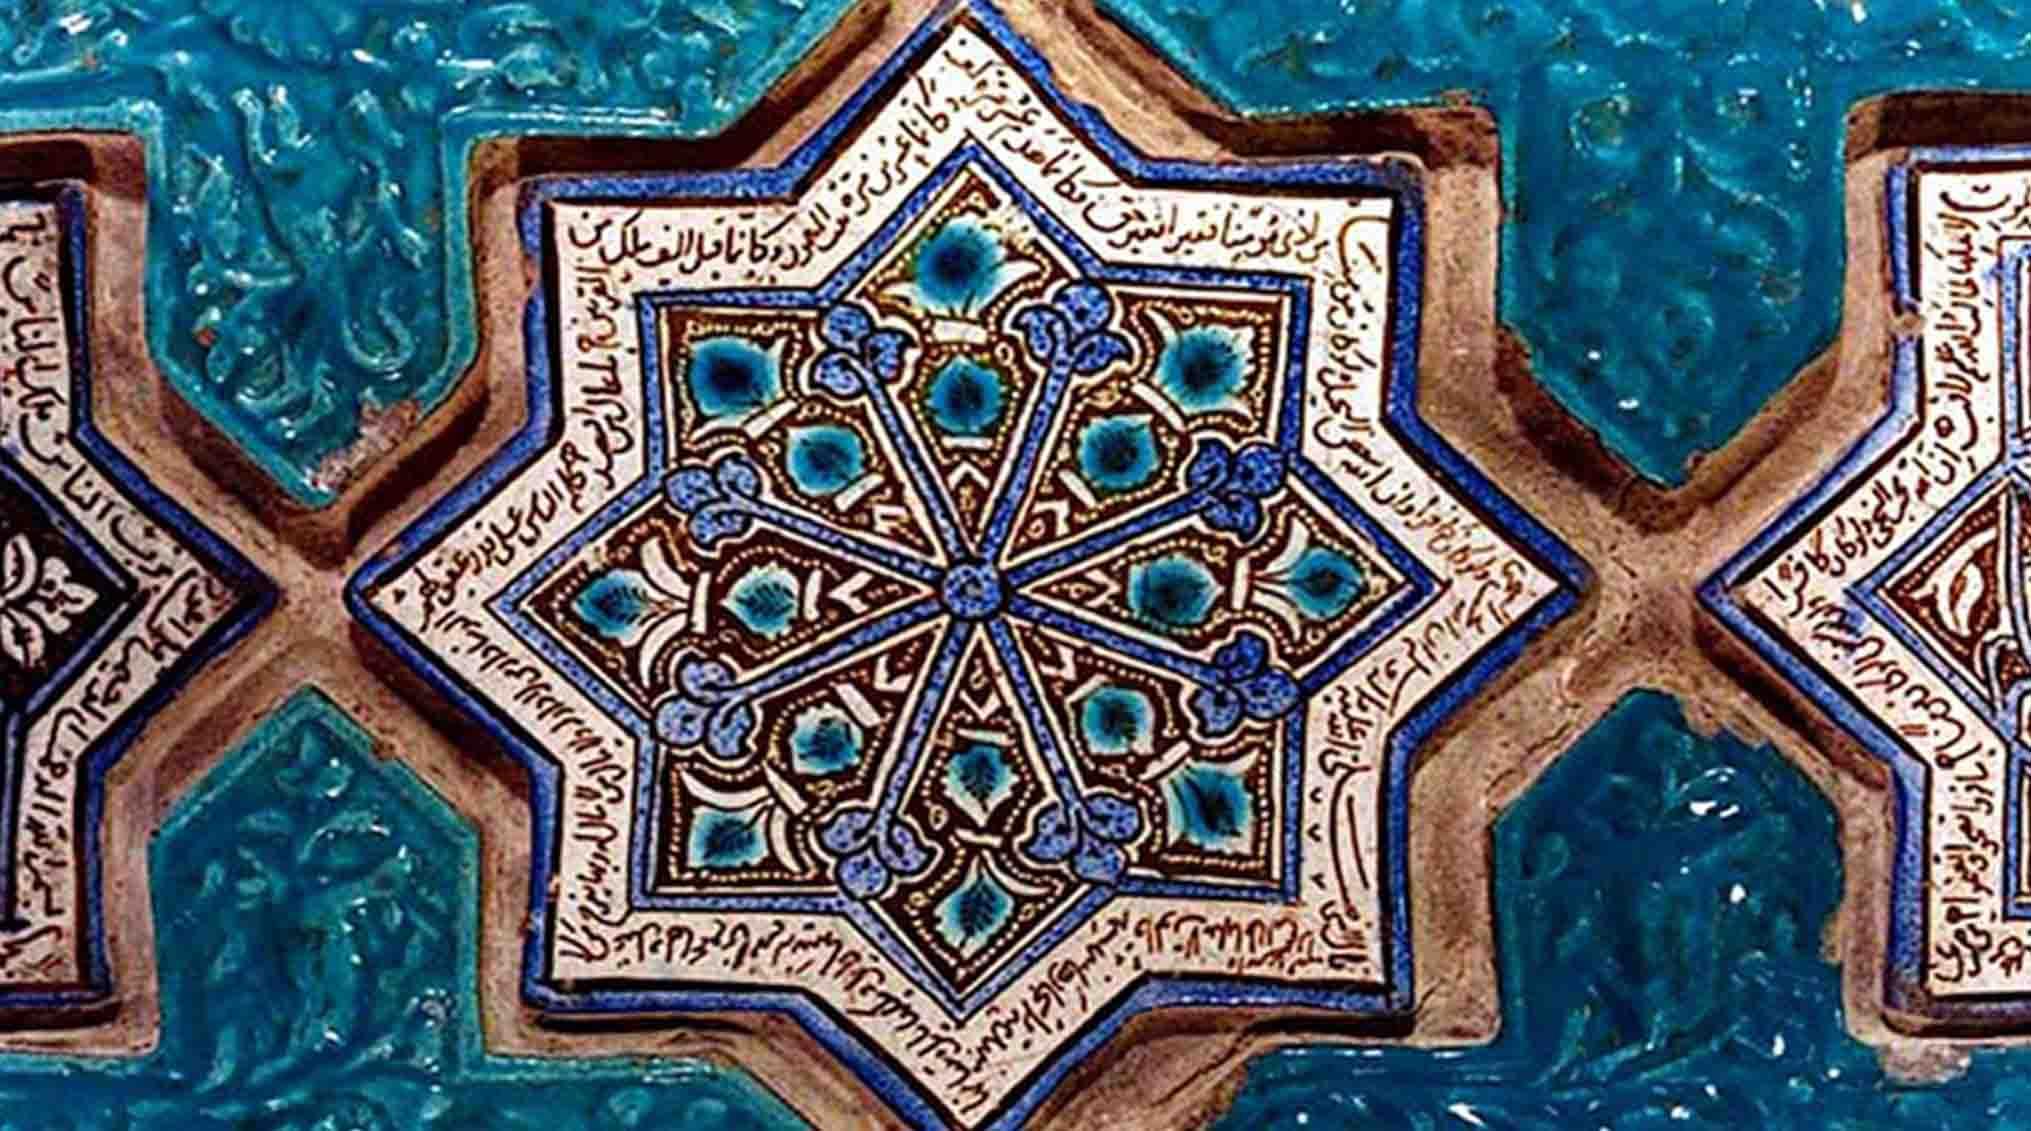 مشهور ترین کاشی ایران در جهان